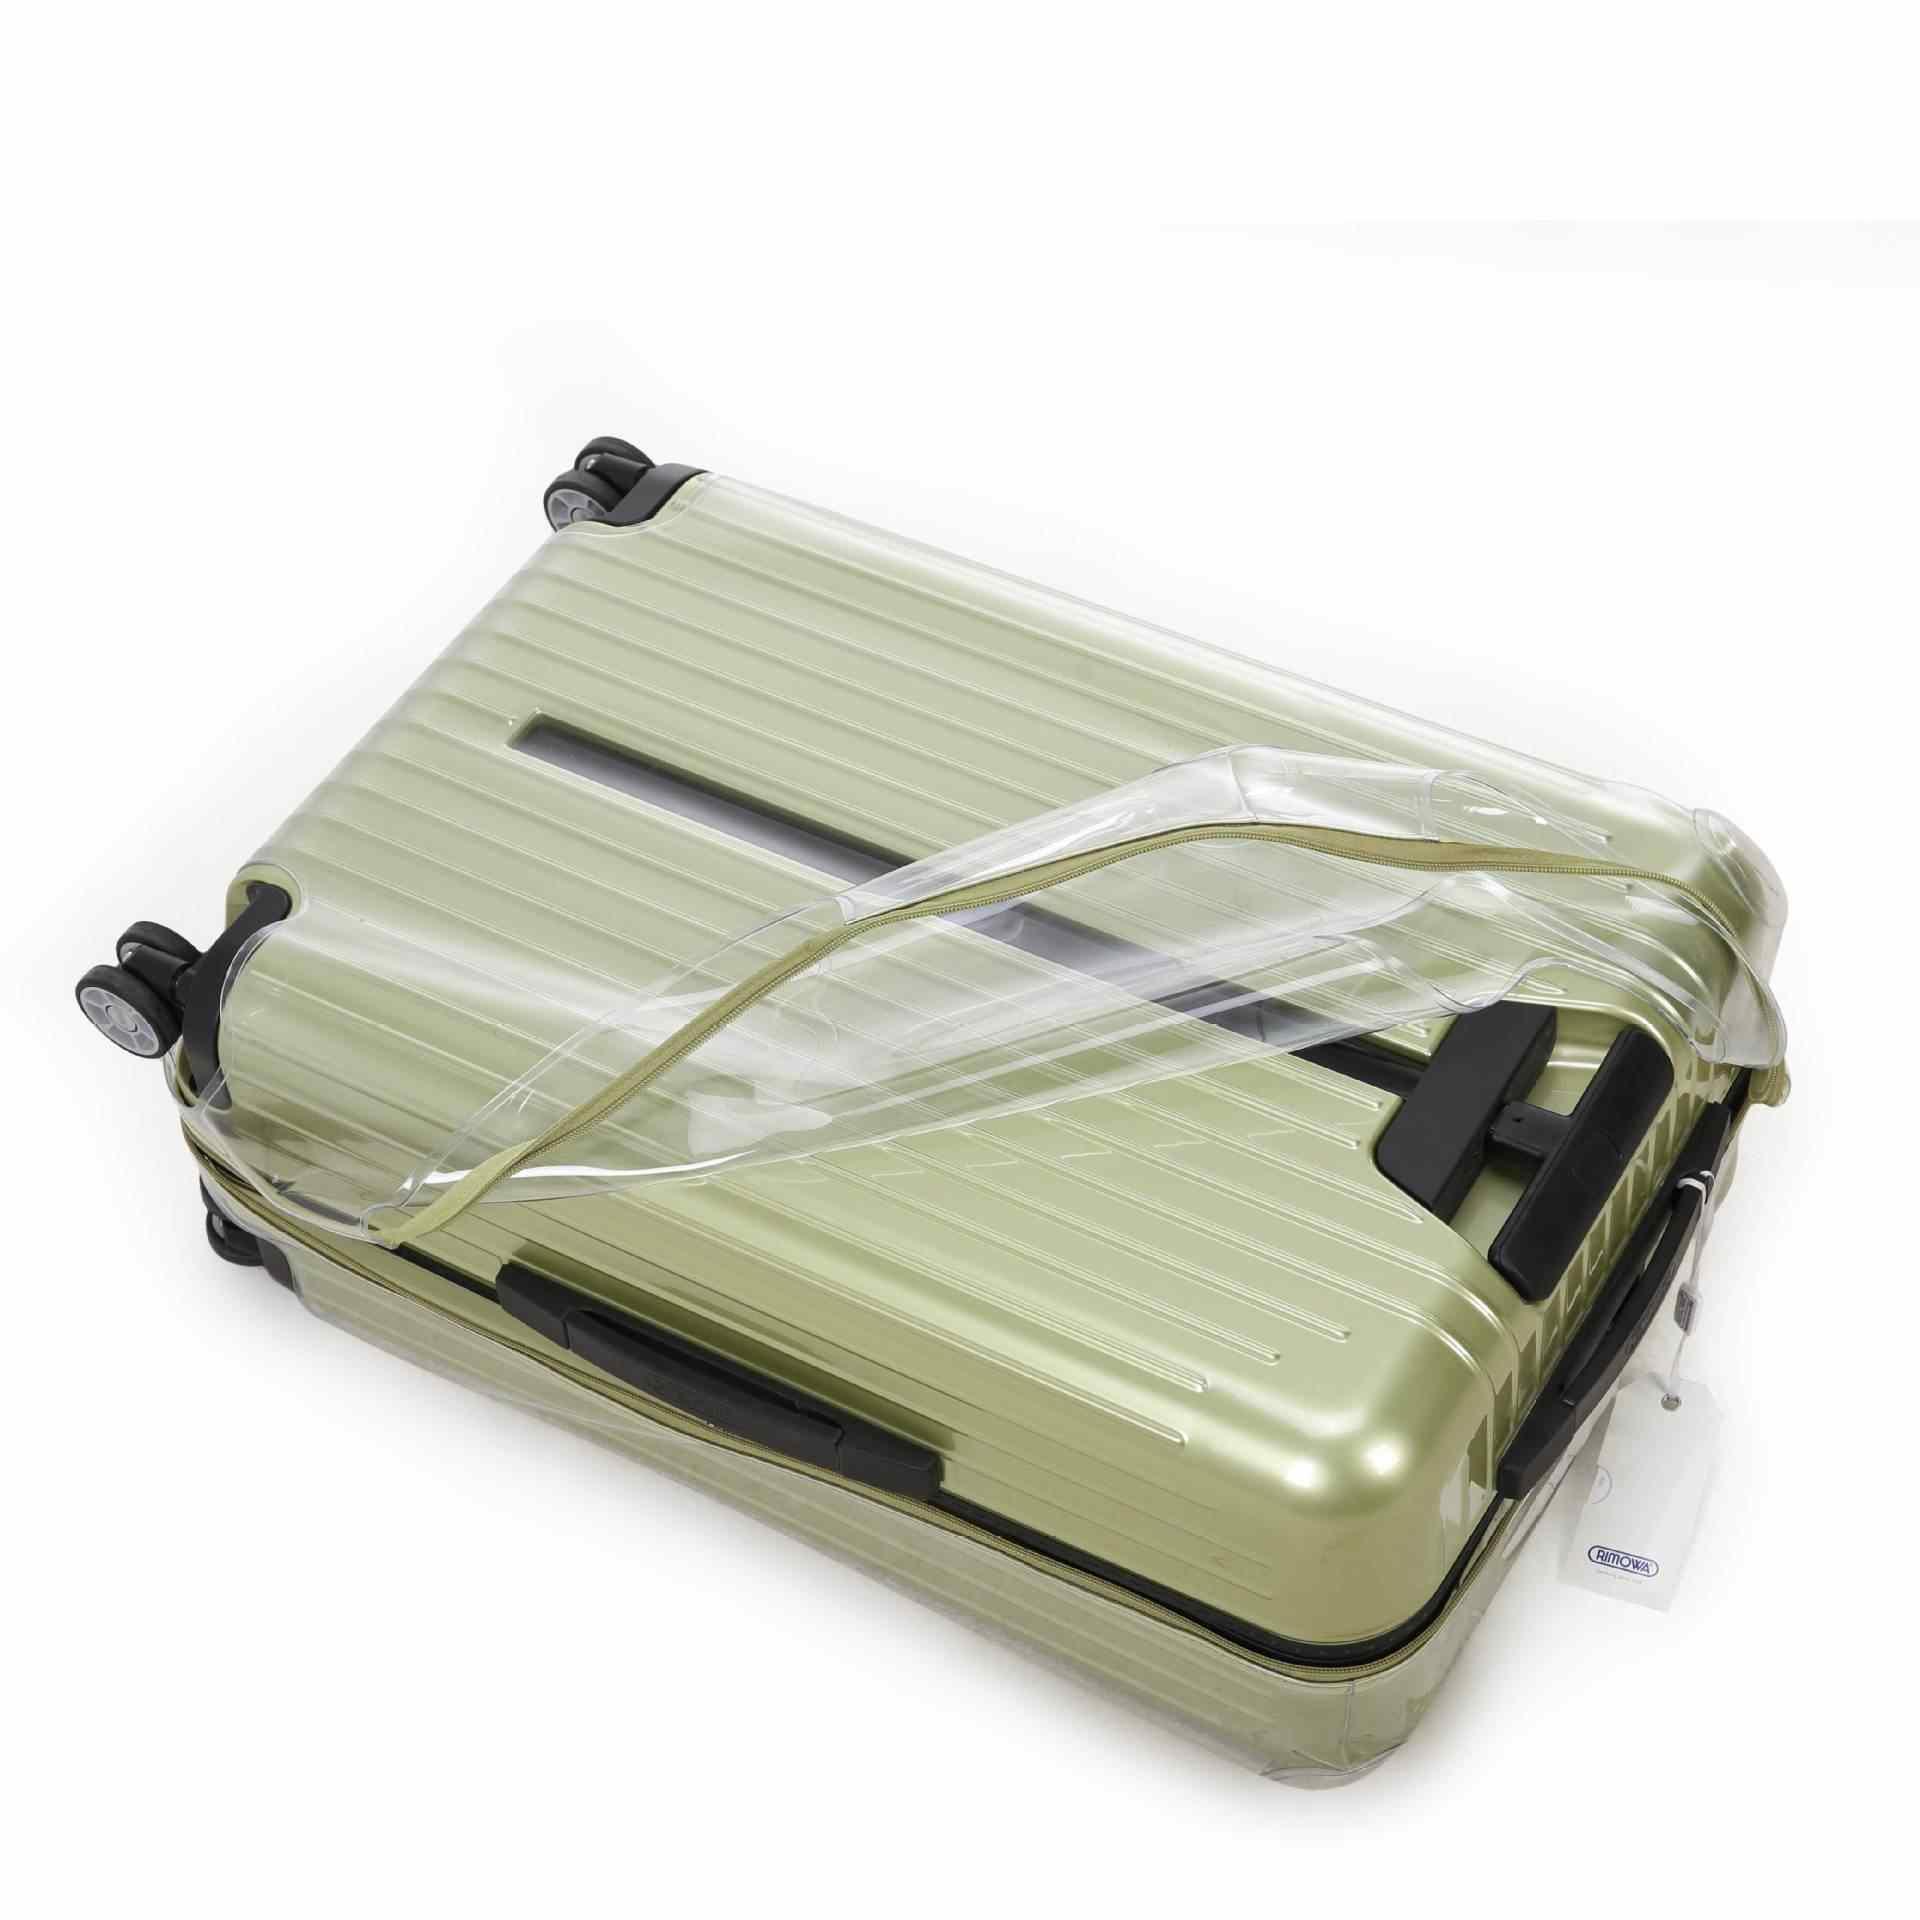 Thicken 0,66mm PVC funda de maleta transparente para Rimowa fundas de equipaje de viaje transparentes para Rimowa maleta Protector todas las Series